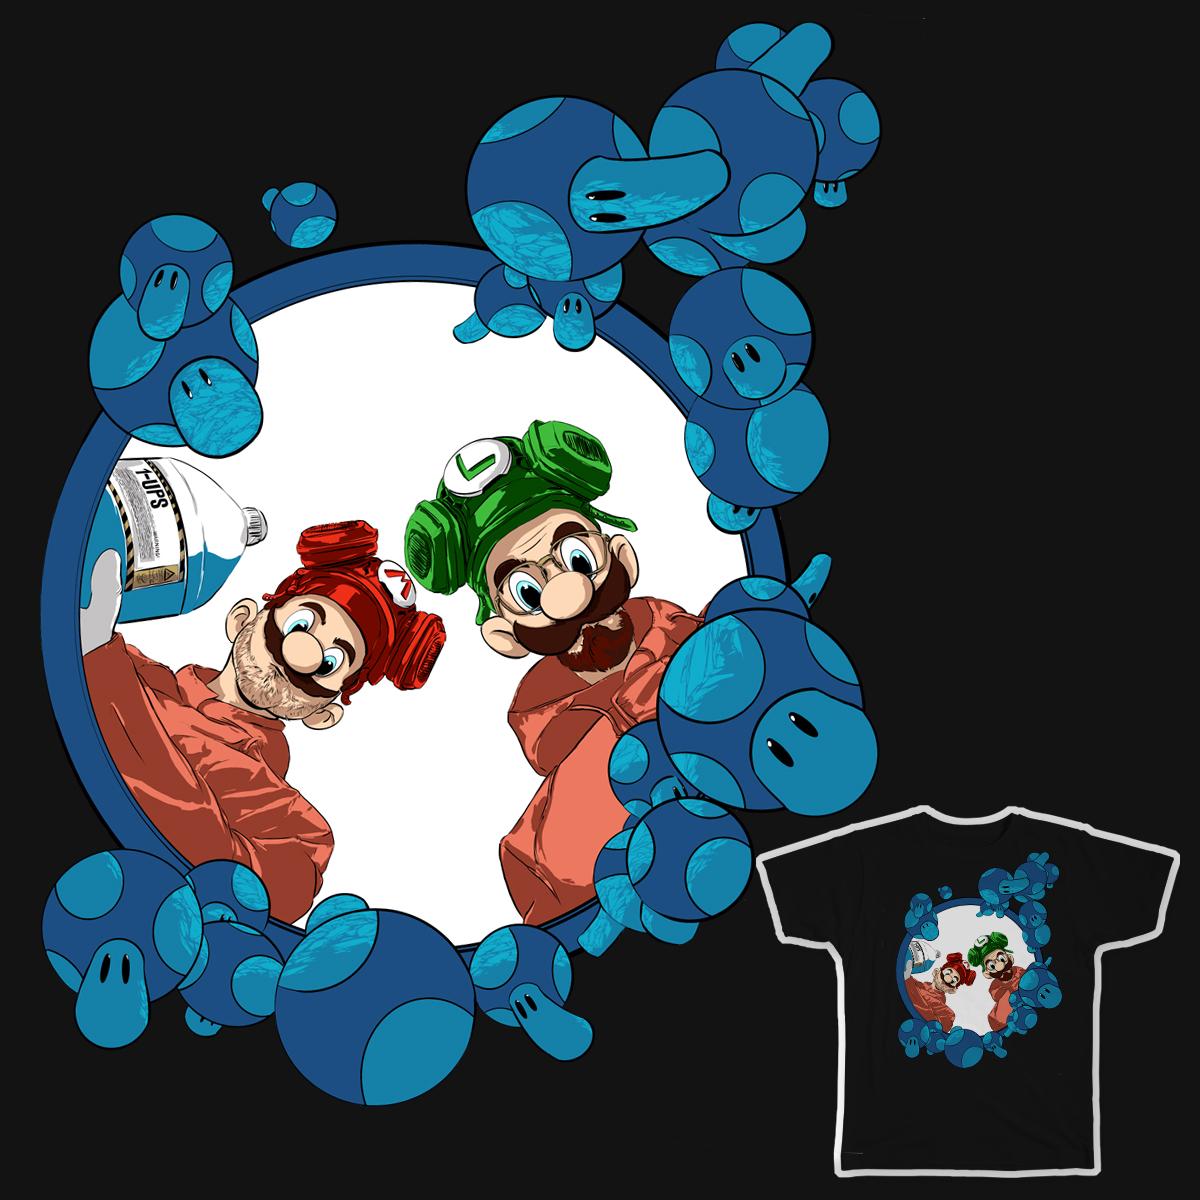 Super Heisenberg Bros by JABillustration on Threadless